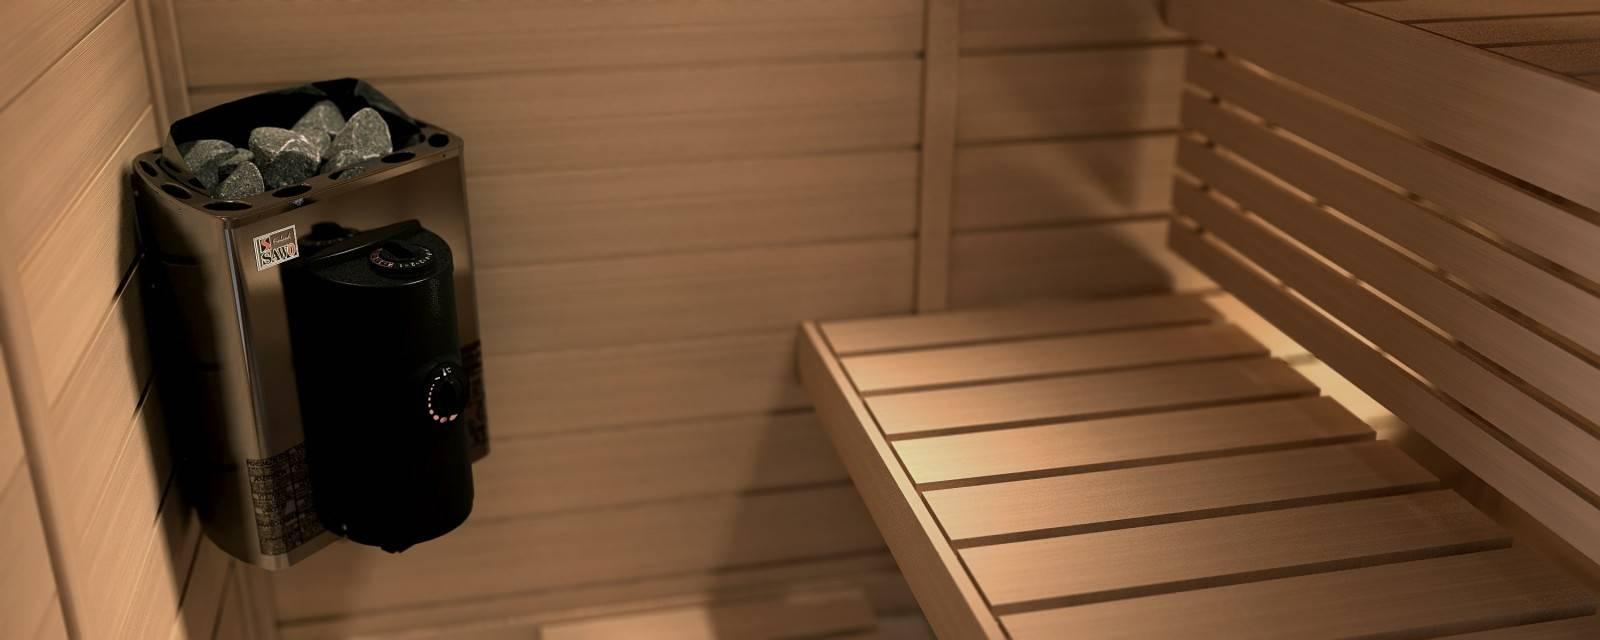 Лучшая электропечь для сауны и бани: топ-10 предложений на рынке   советы по выбору электрокаменки